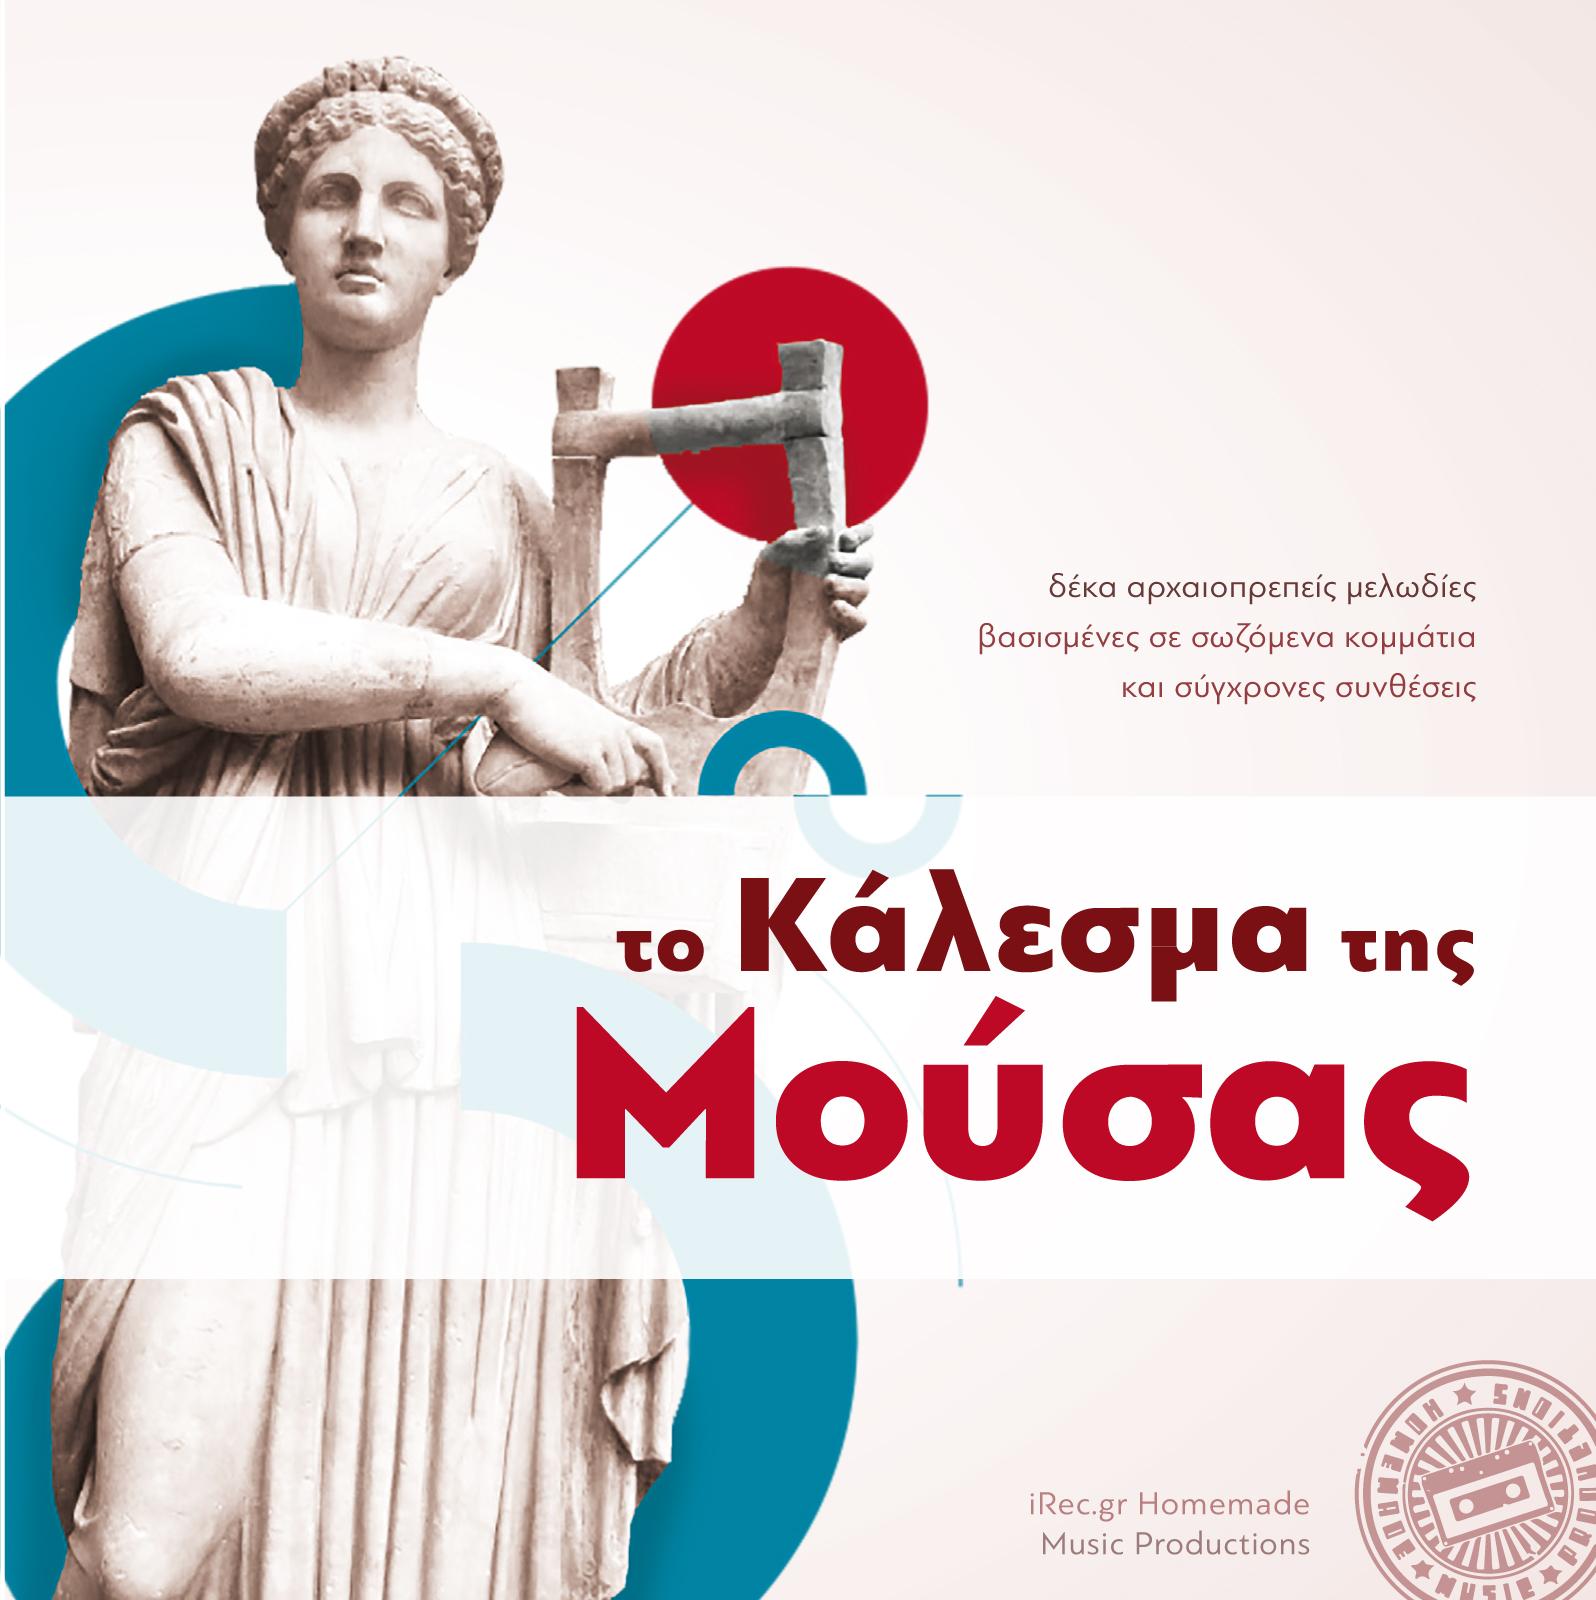 Το κάλεσμα της Μούσας - αρχαία ελληνική μουσική - Λίνα Παλερά - SEIKILO